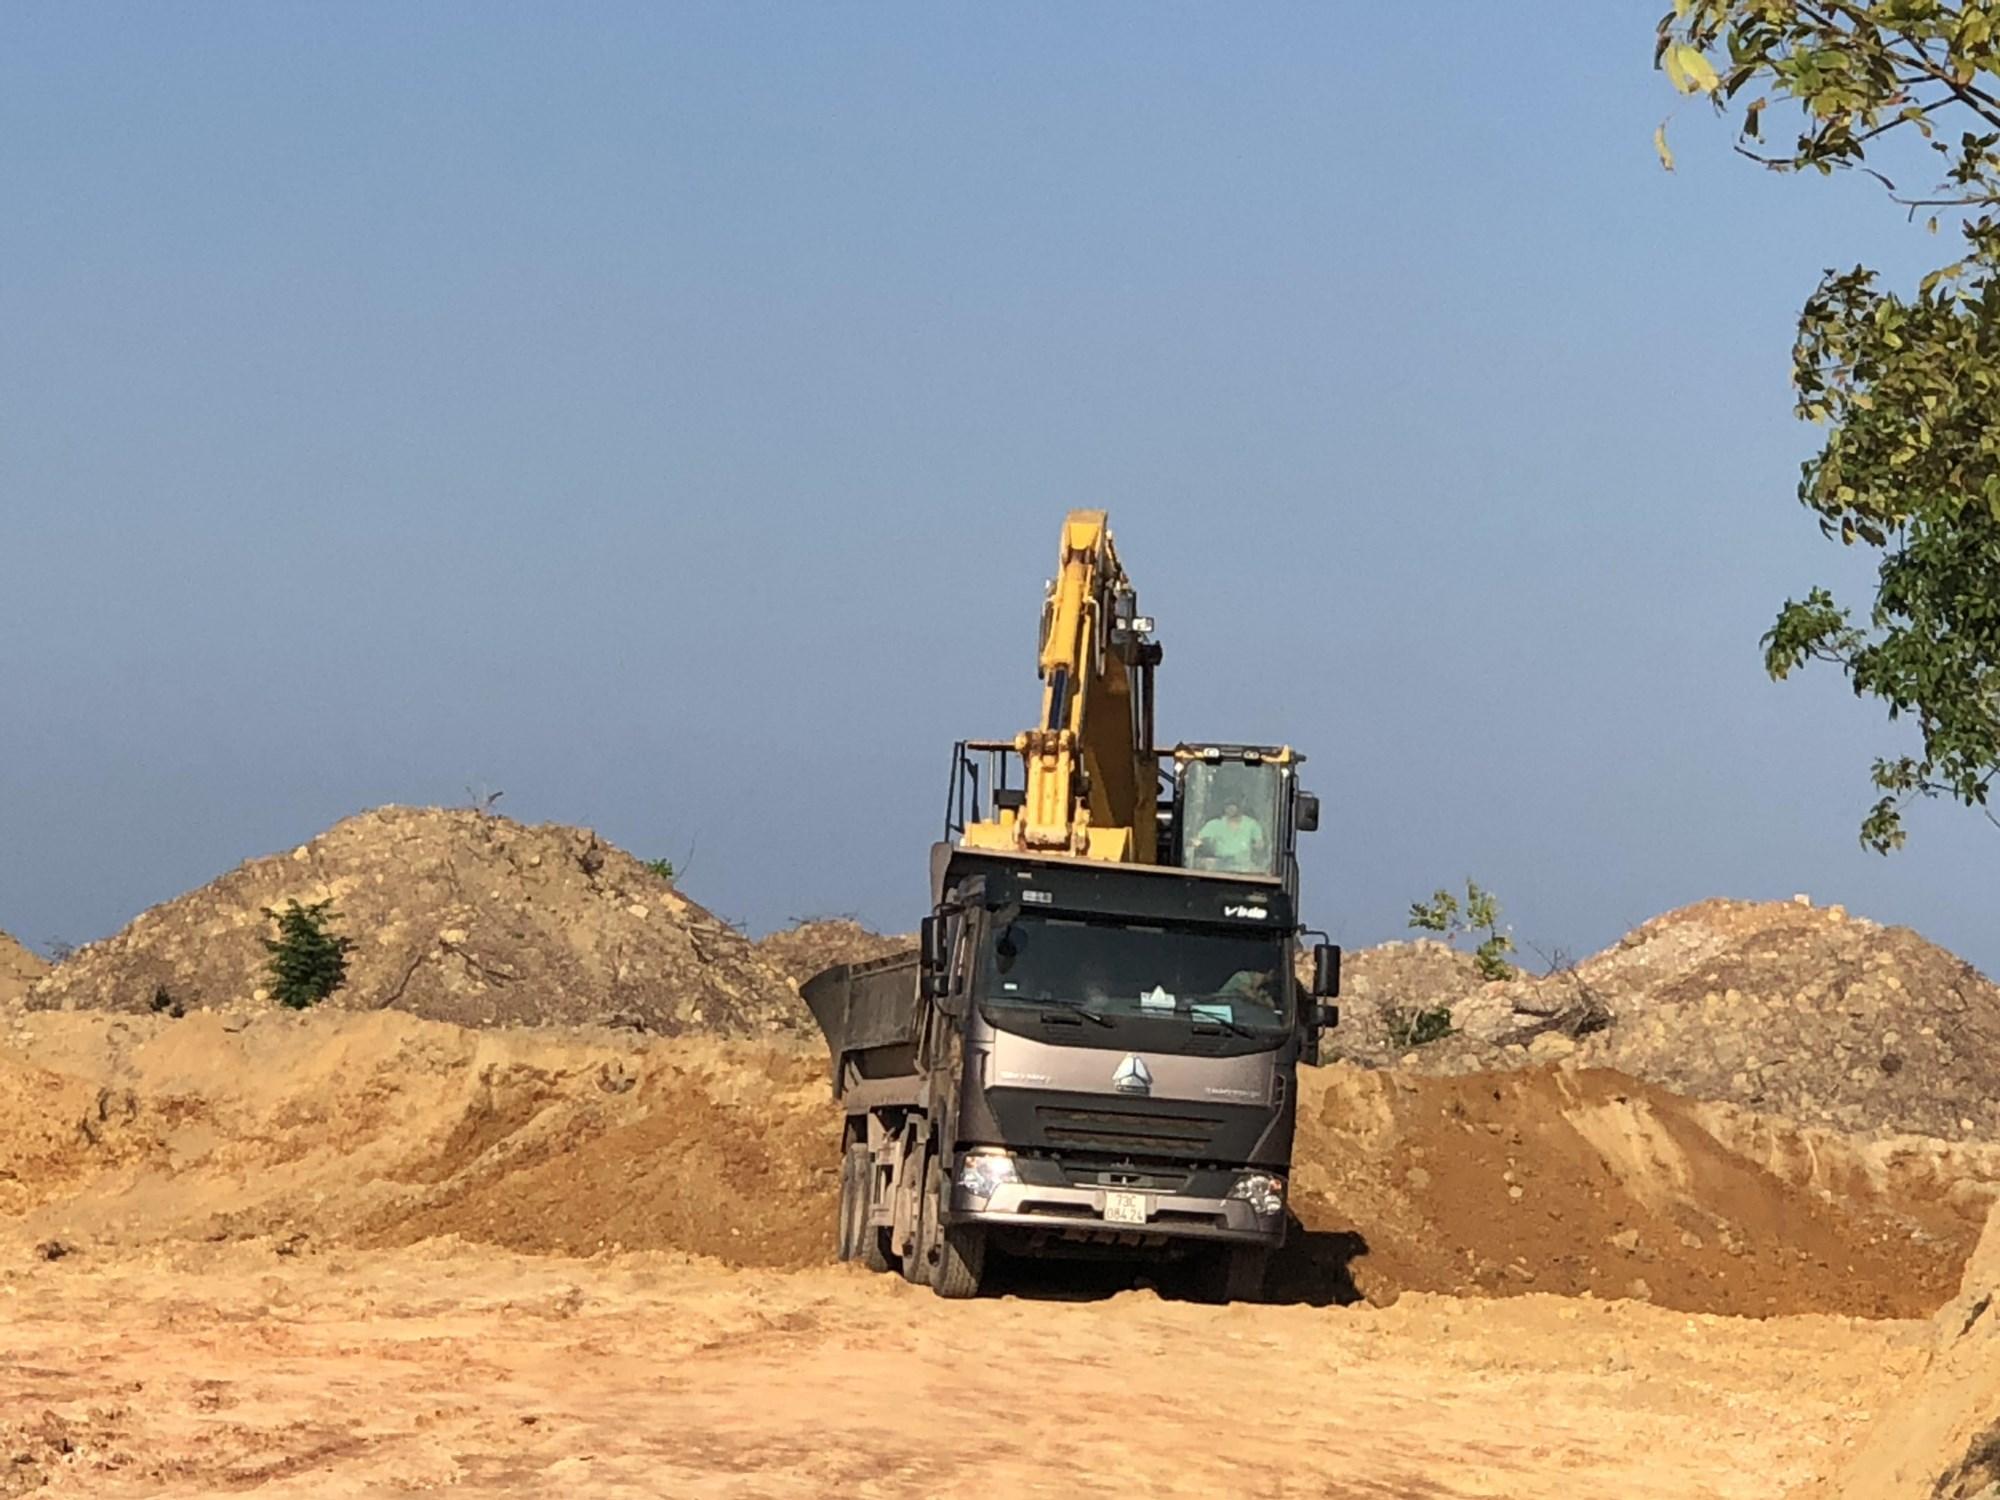 Qua rà soát, kiểm tra, TTCP đã phát hiện nhiều sai phạm trong công tác quản lý bảo vệ môi trường tại các KCN ở Quảng Bình. (Ảnh M.h)